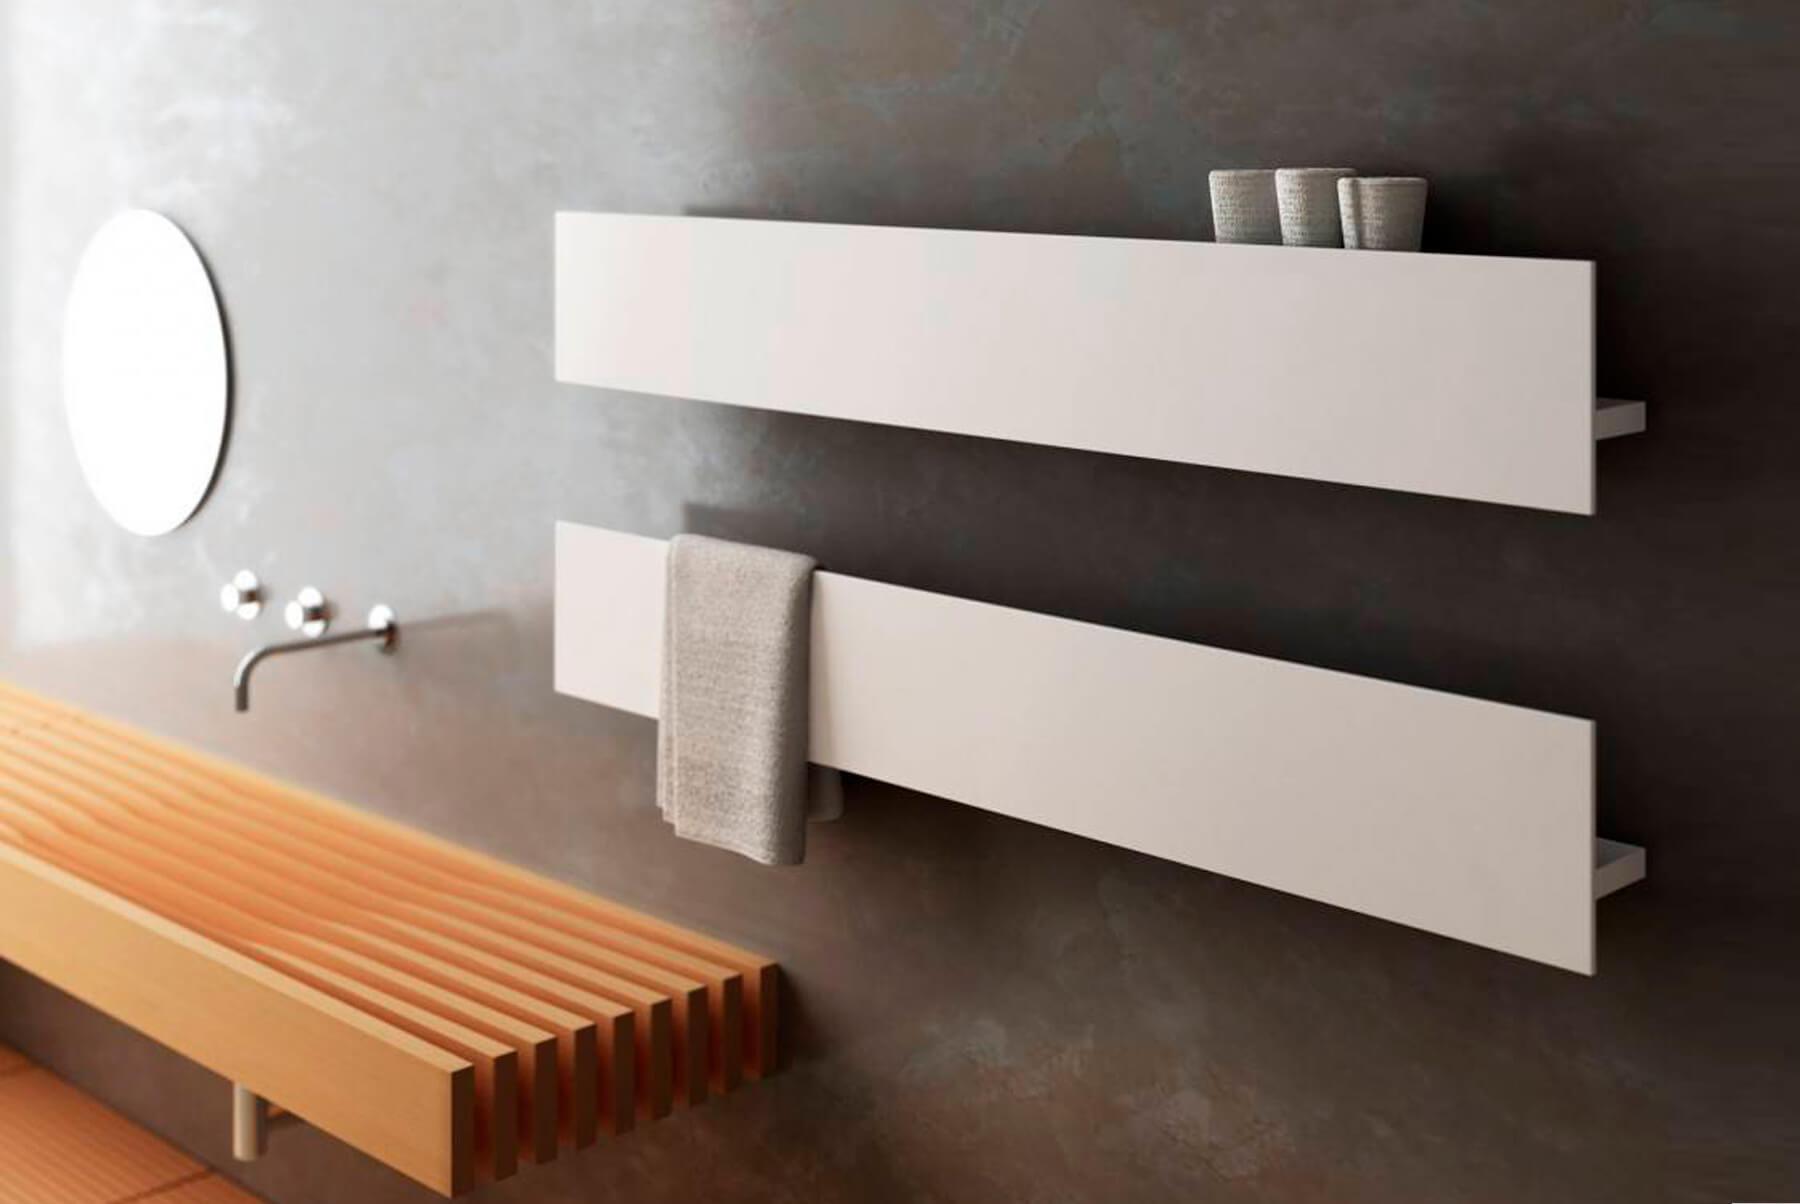 Radiators-&-Towel-Warmers-Antrax-T-Series-Inset-4-1800x1204